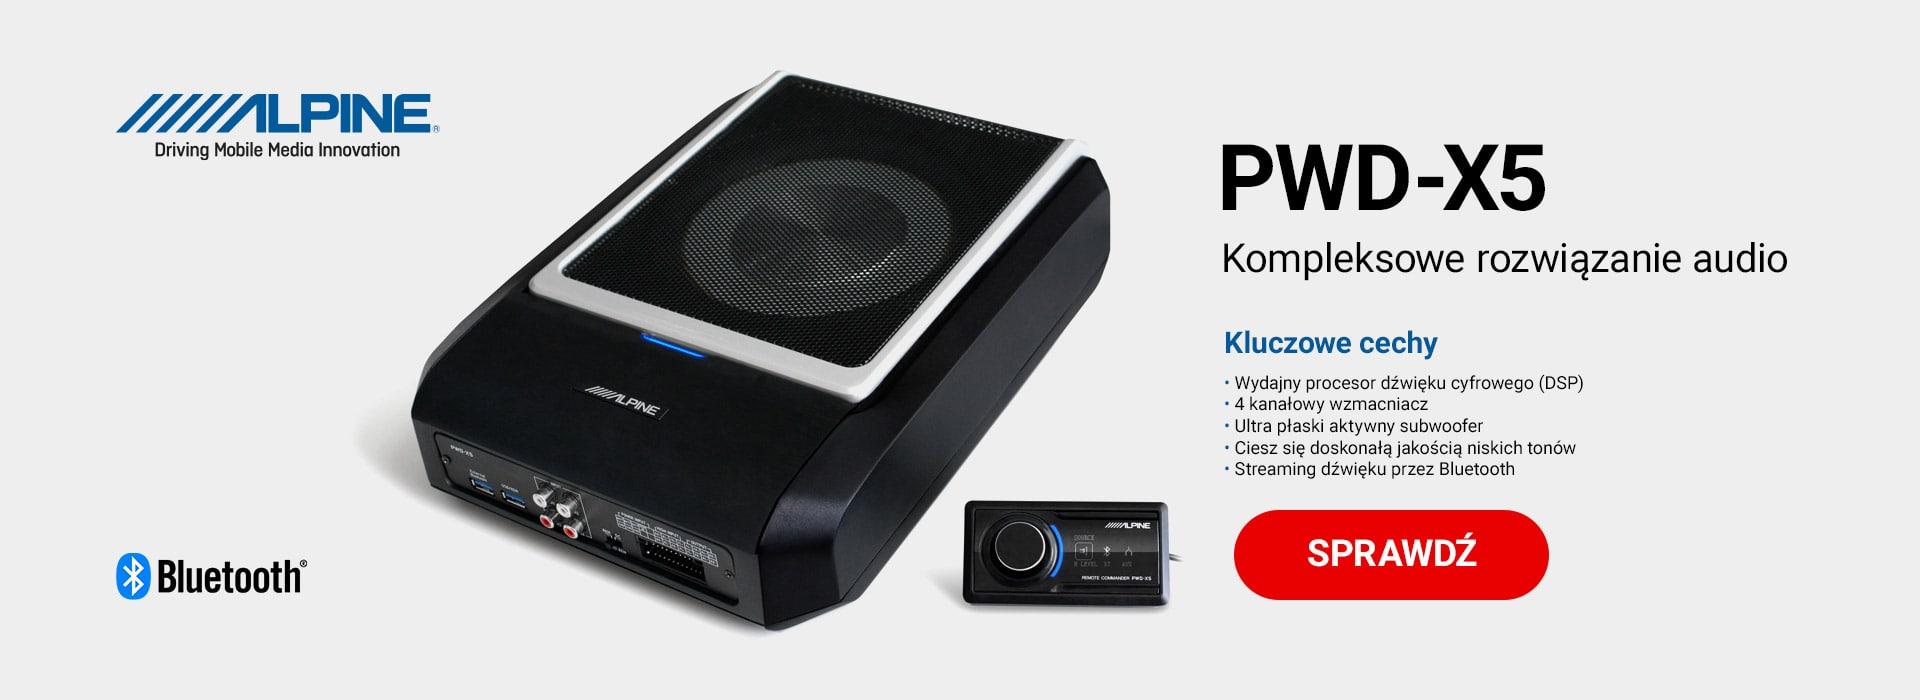 Procesor dźwięku Alpine PWD-X5 4.1-kanałowy cyfrowy (DSP) z aktywnym subwooferem